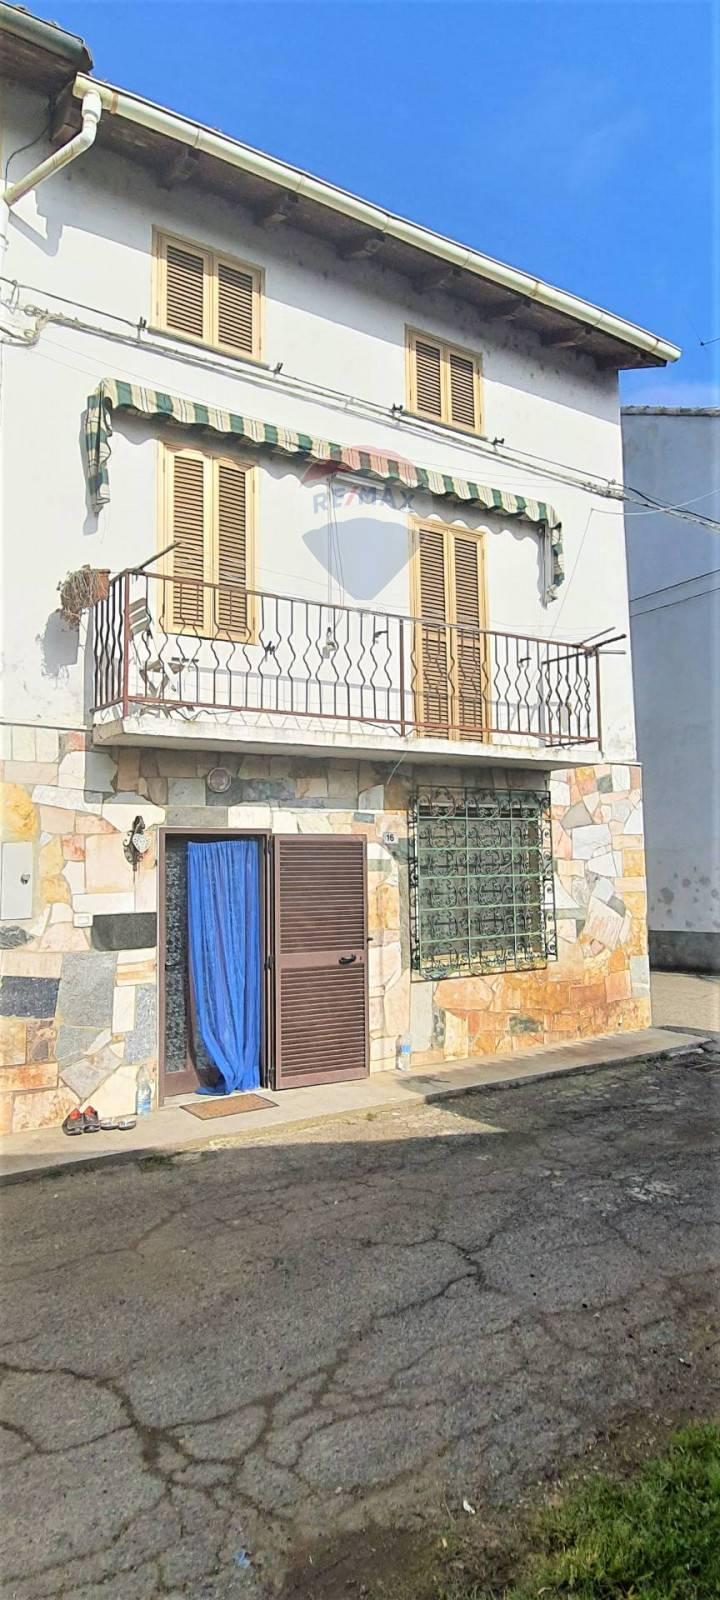 Soluzione Semindipendente in vendita a Morano sul Po, 3 locali, zona Località: DueSture, prezzo € 45.000 | CambioCasa.it